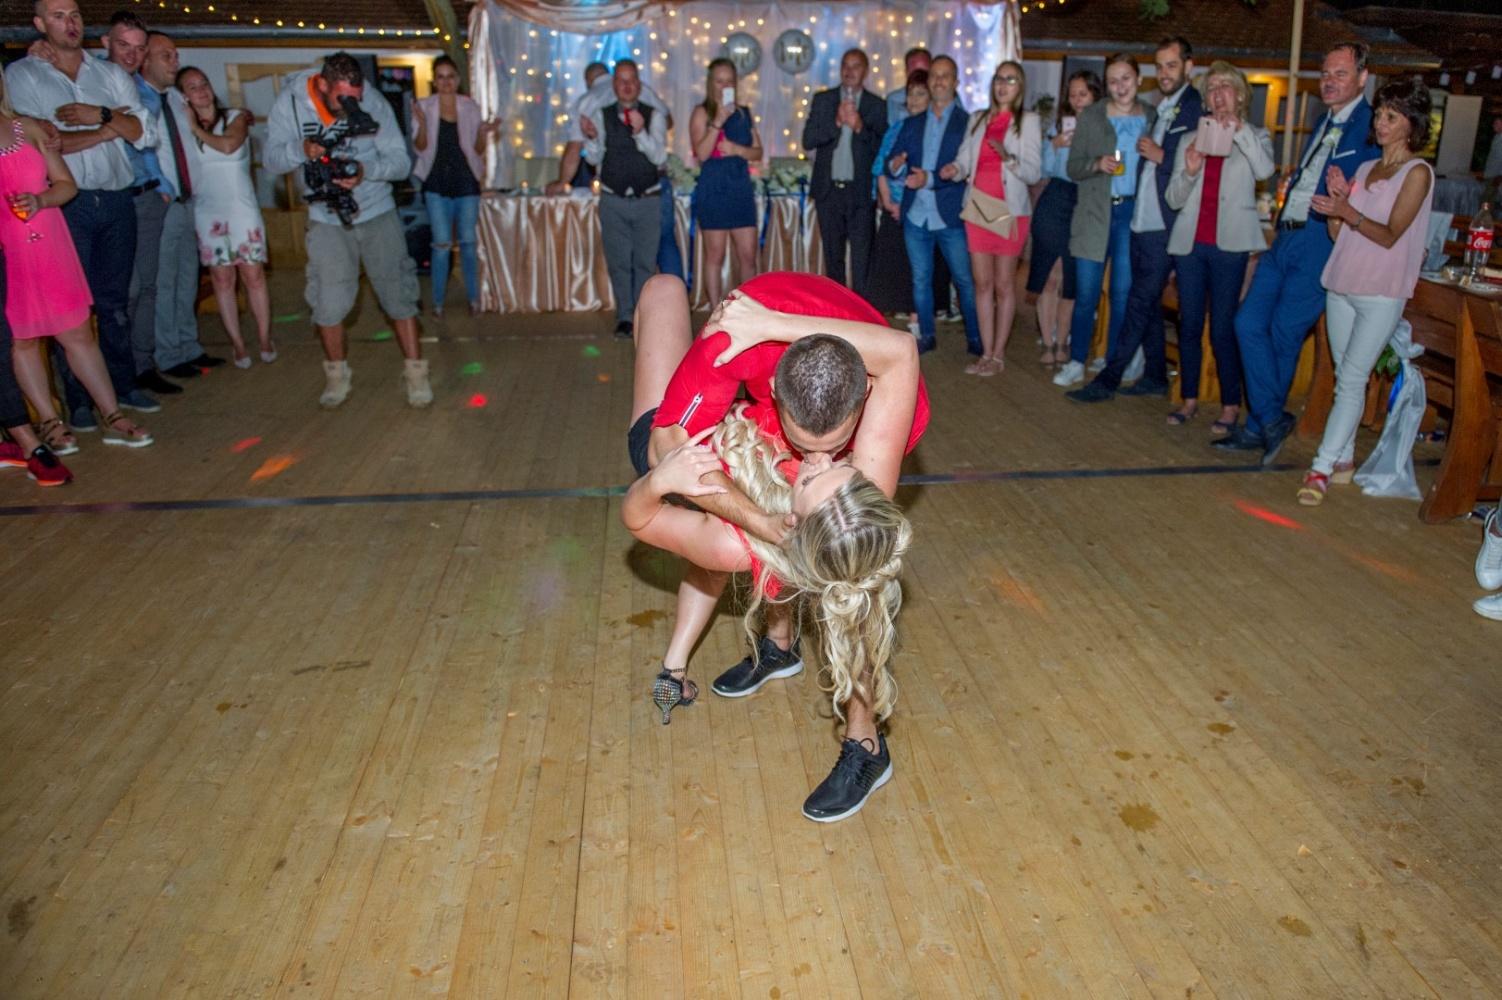 http://www.fotoz.sk/images/gallery-22/normal/eskuvoi-fotos_svadobny-fotograf_665.jpg